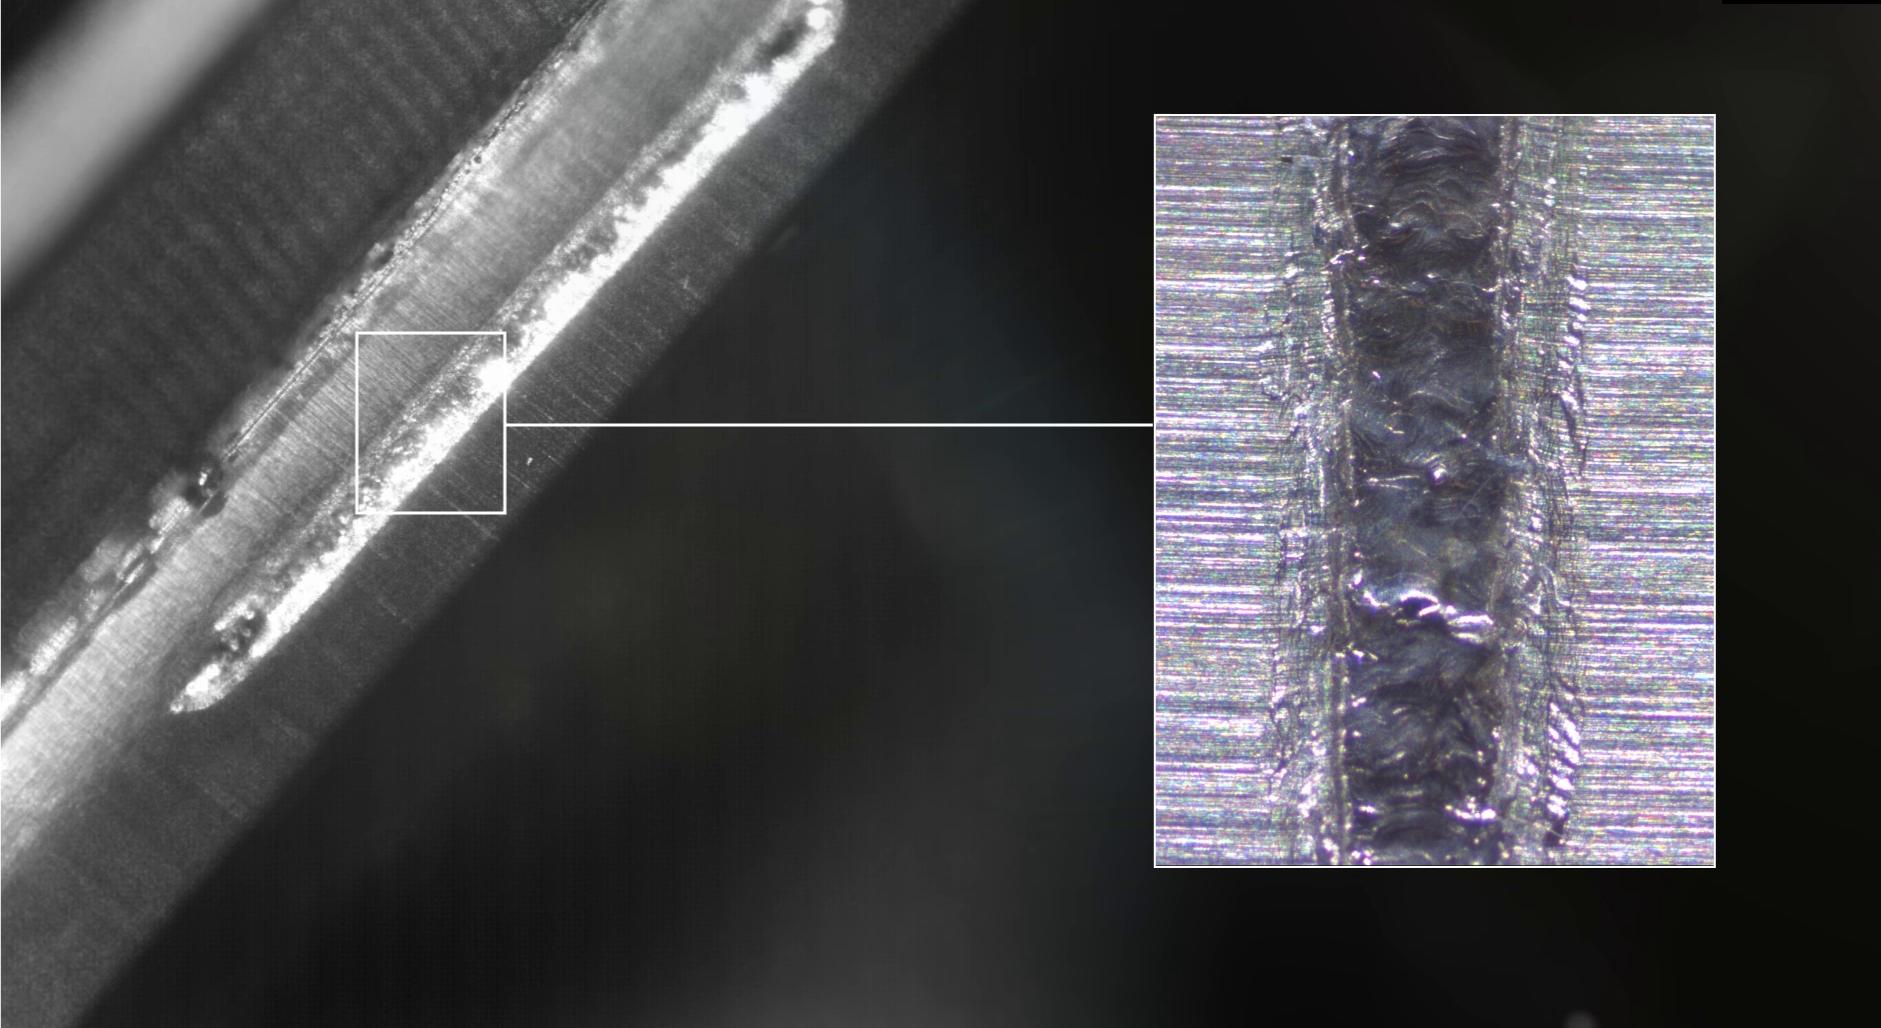 Le soudage au laser pour l'E-mobility